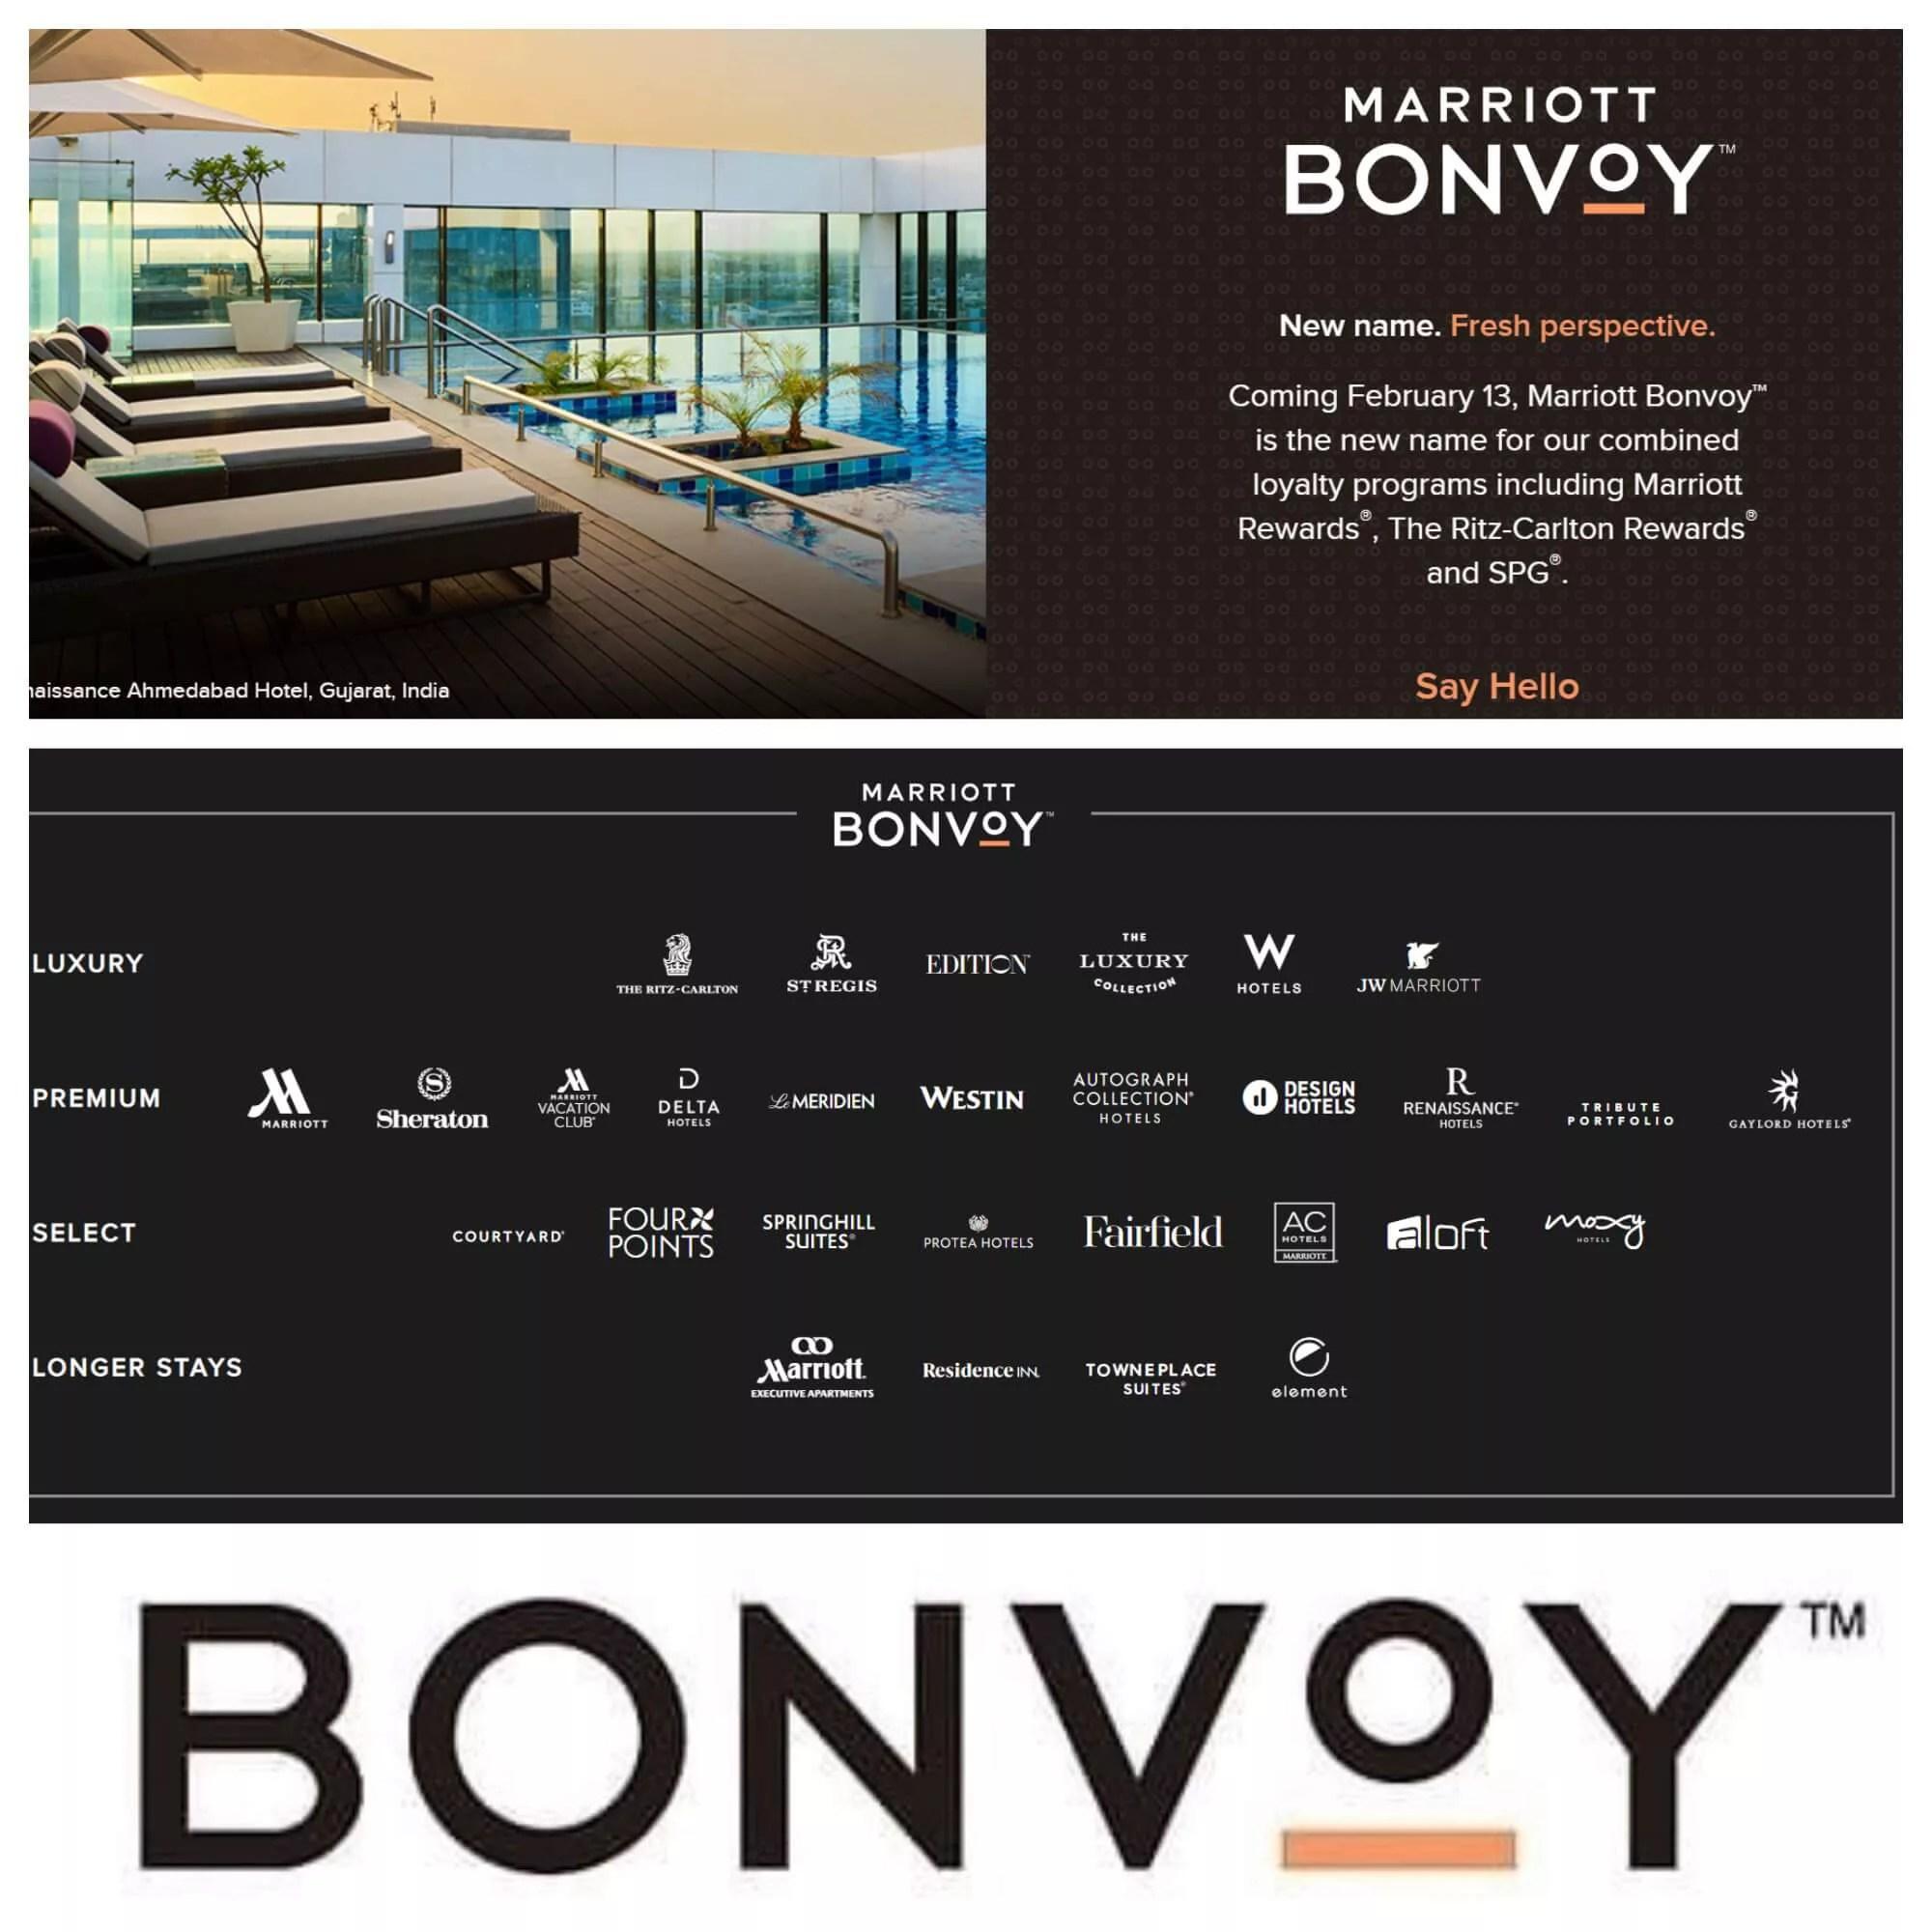 マリオットポイントの全て!Marriott Bonvoyポイントの価値・貯め方・使い方徹底解説